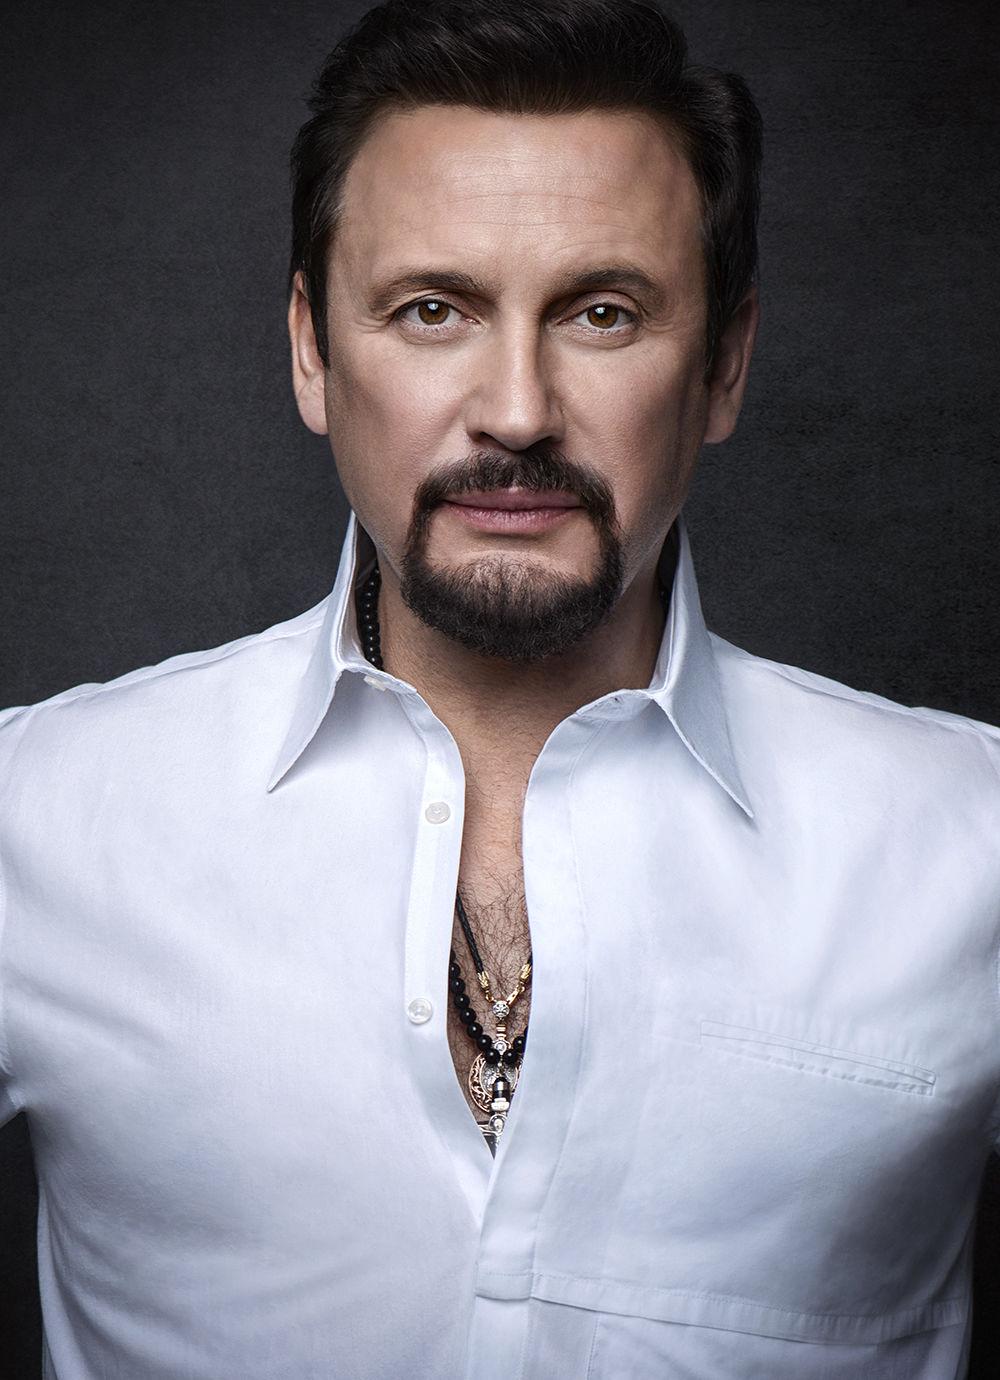 картинки с изображением русских певцов